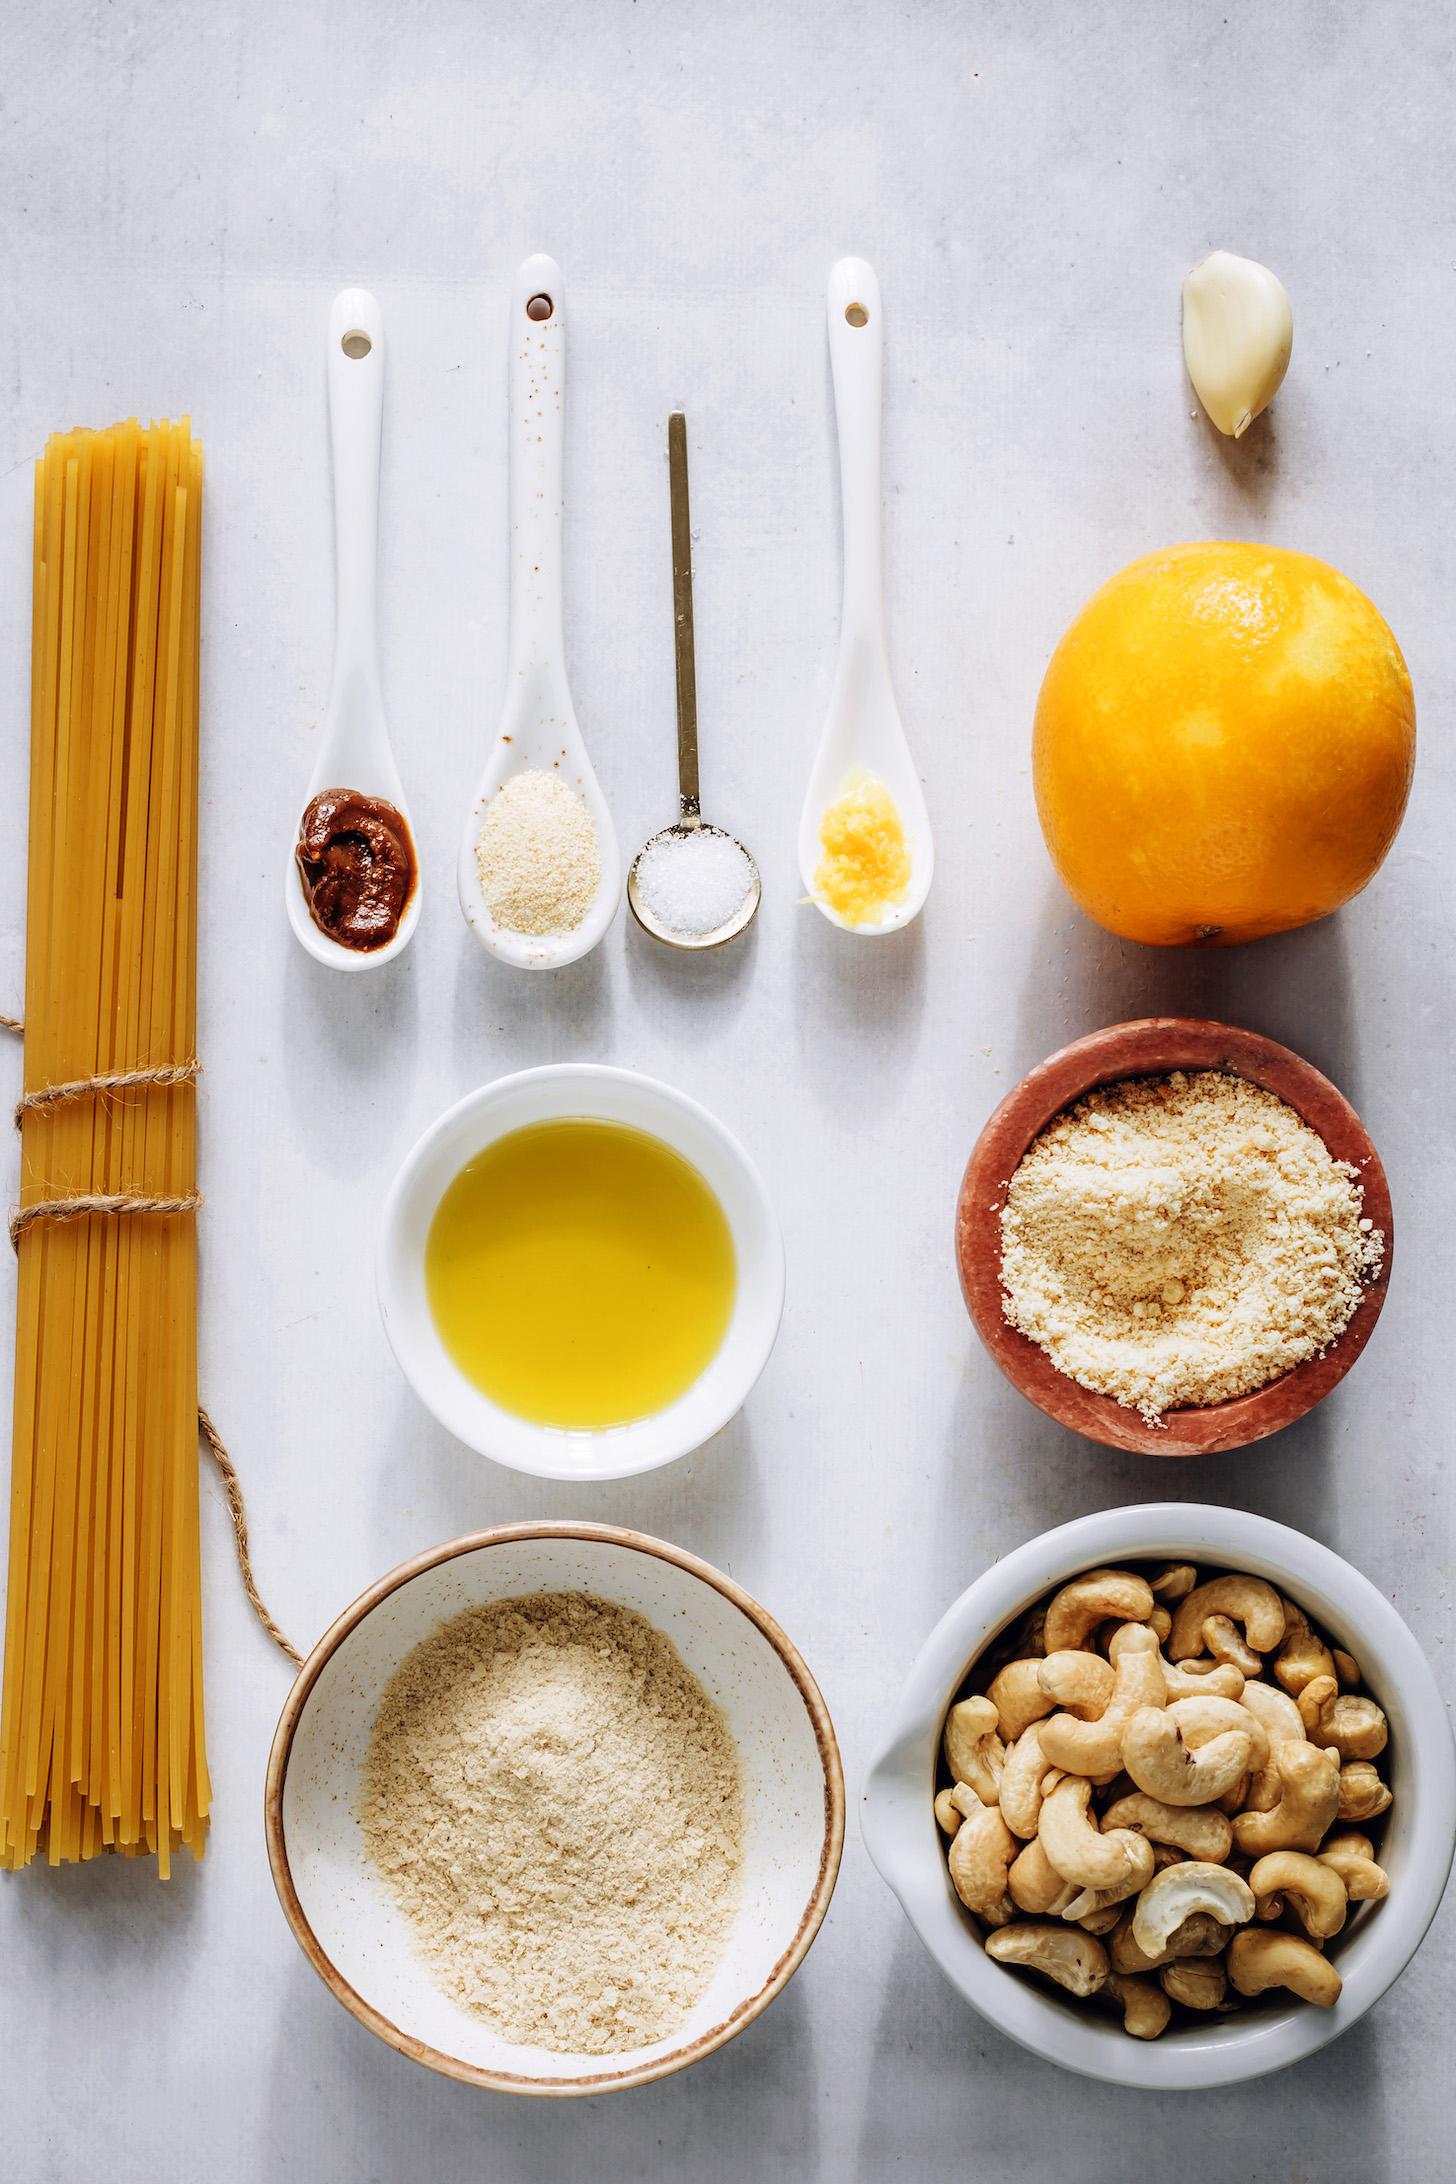 Spagetti tészta, miso, táplálékélesztő, tengeri só, citrom, fokhagyma, vegán parmezán, kesudió és olívaolaj